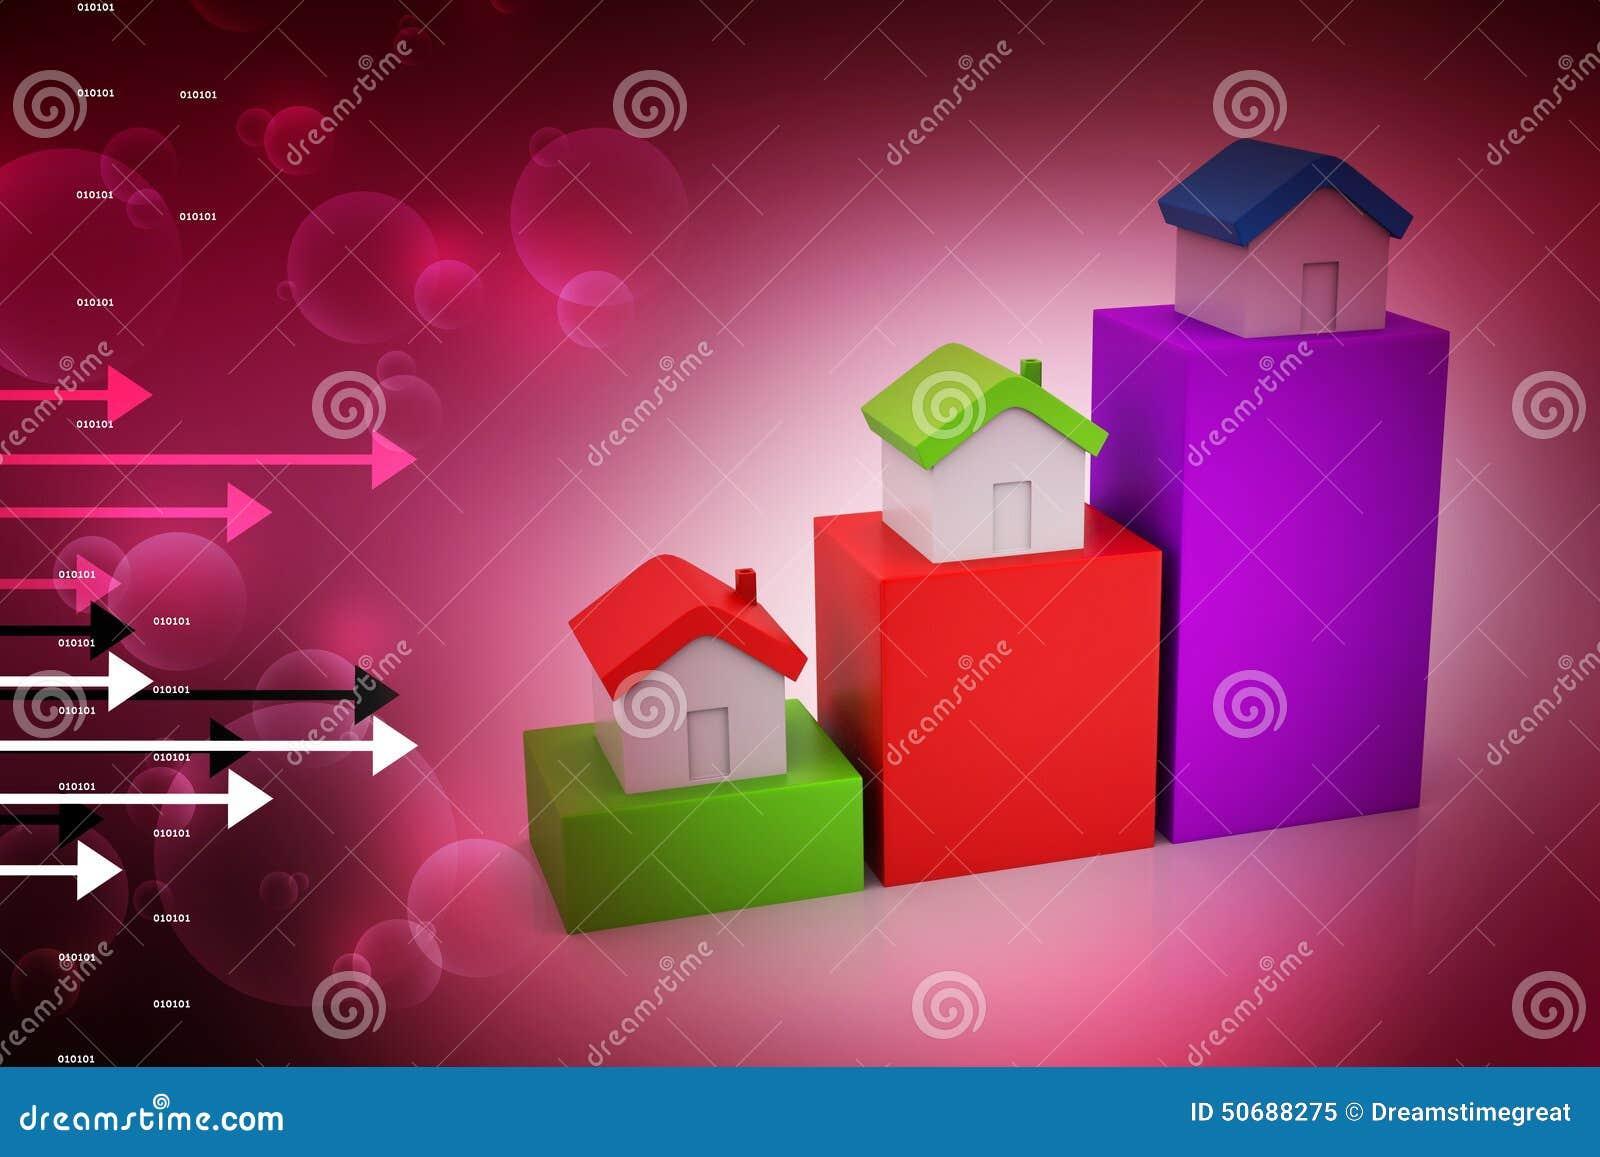 Download 背景概念美元庄园房子投资难题实际白色 库存例证. 插画 包括有 市场, 生长, 高度, 房子, 租金, 价格 - 50688275